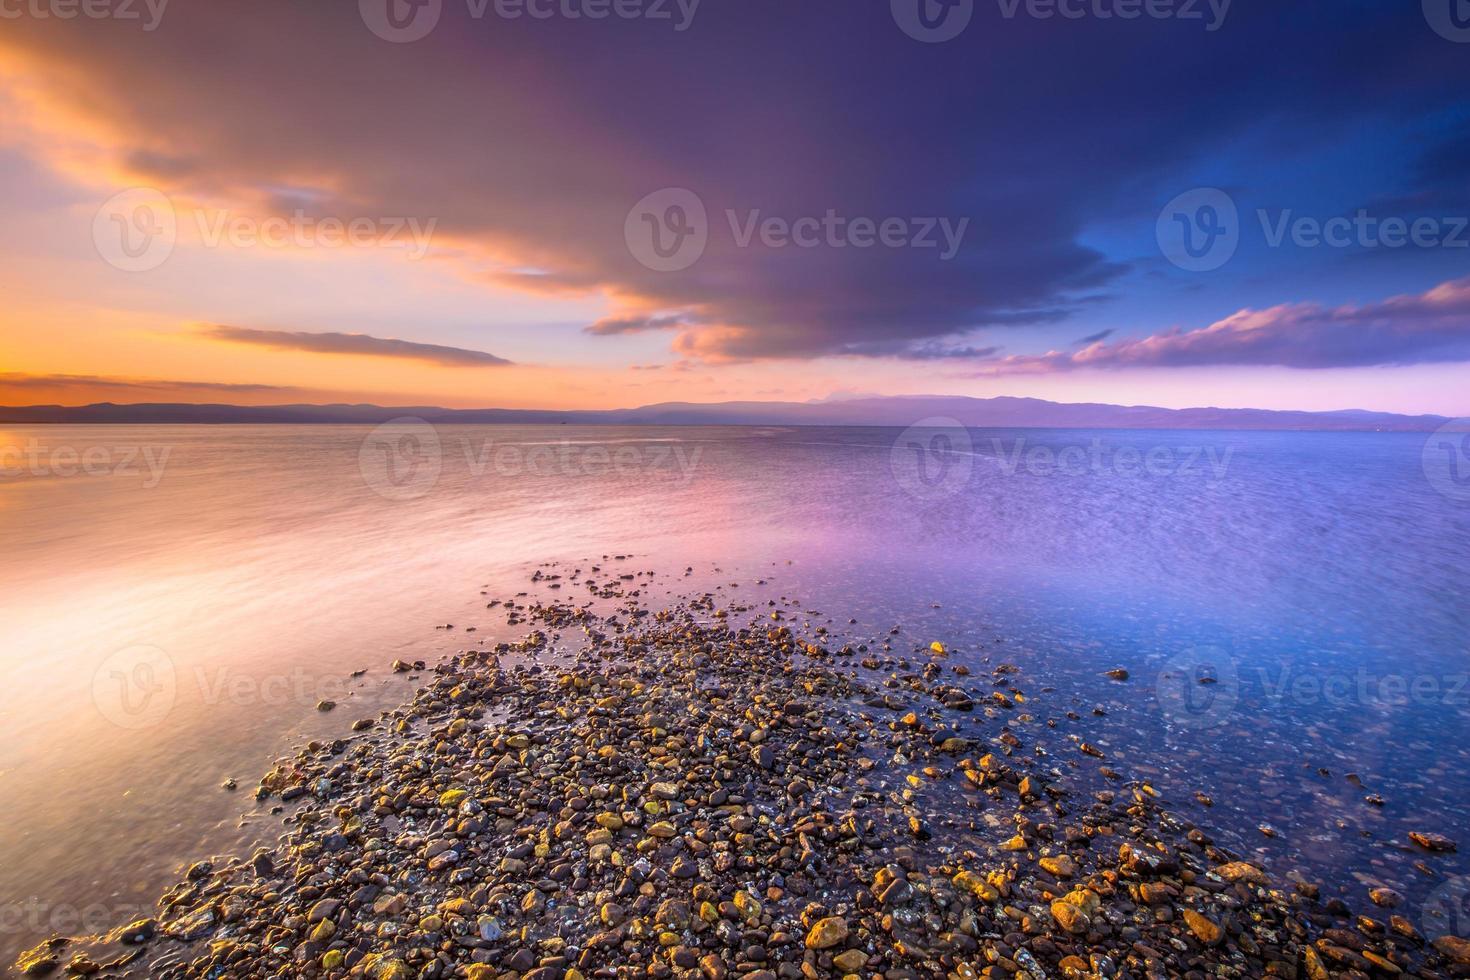 alba ad una foce sull'isola di Lesbo foto